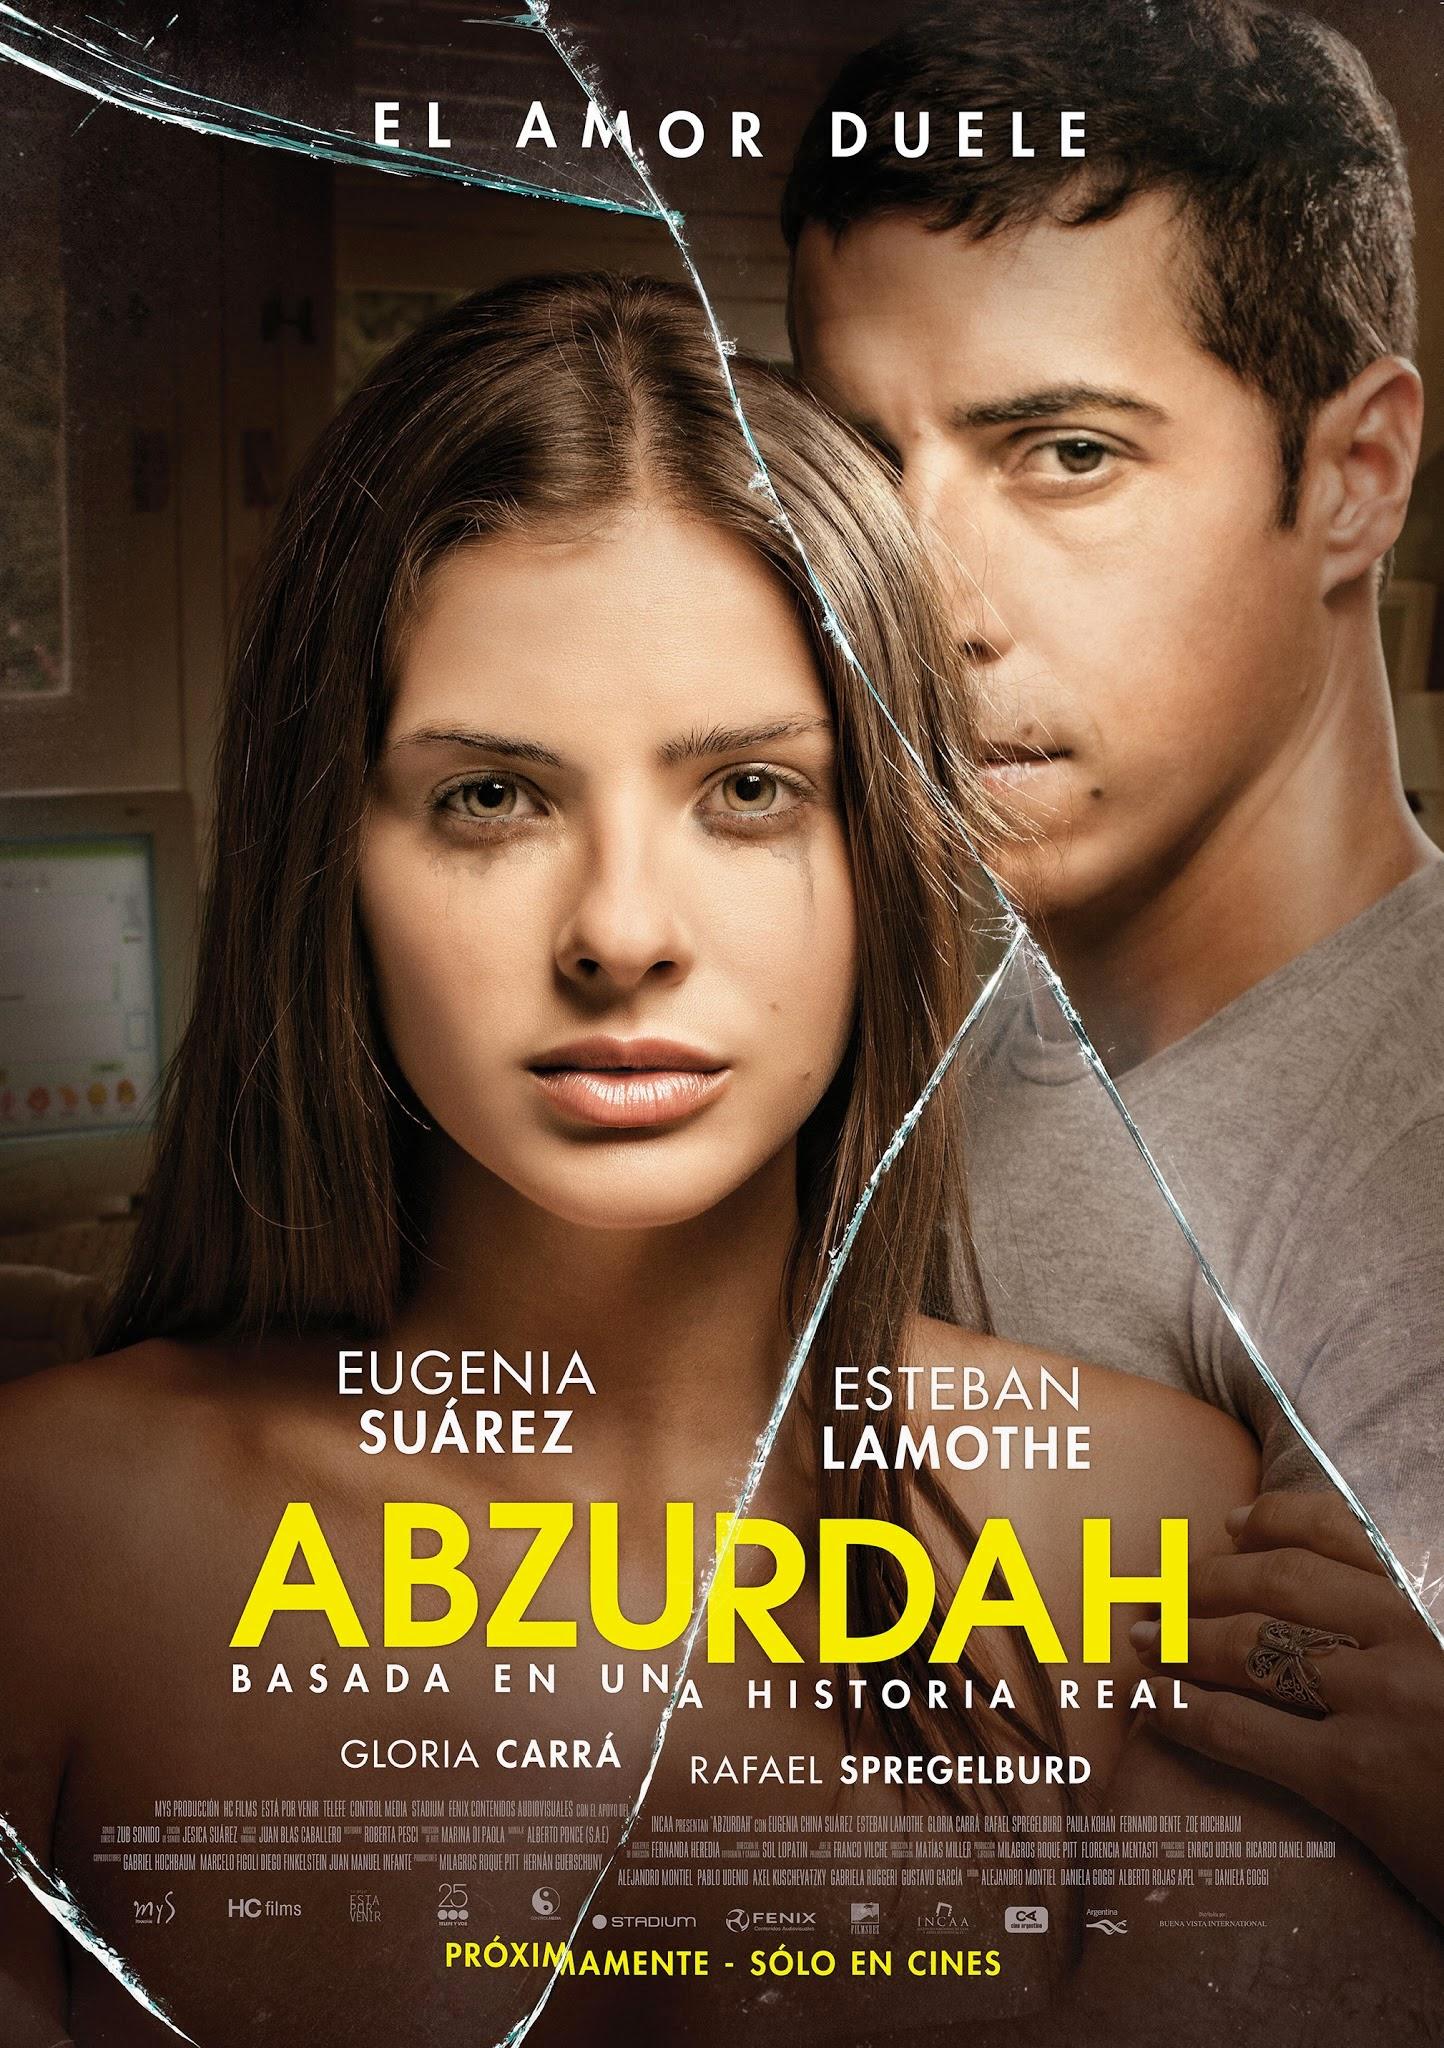 Ver Abzurdah Online (2015) Gratis HD Pelicula Completa